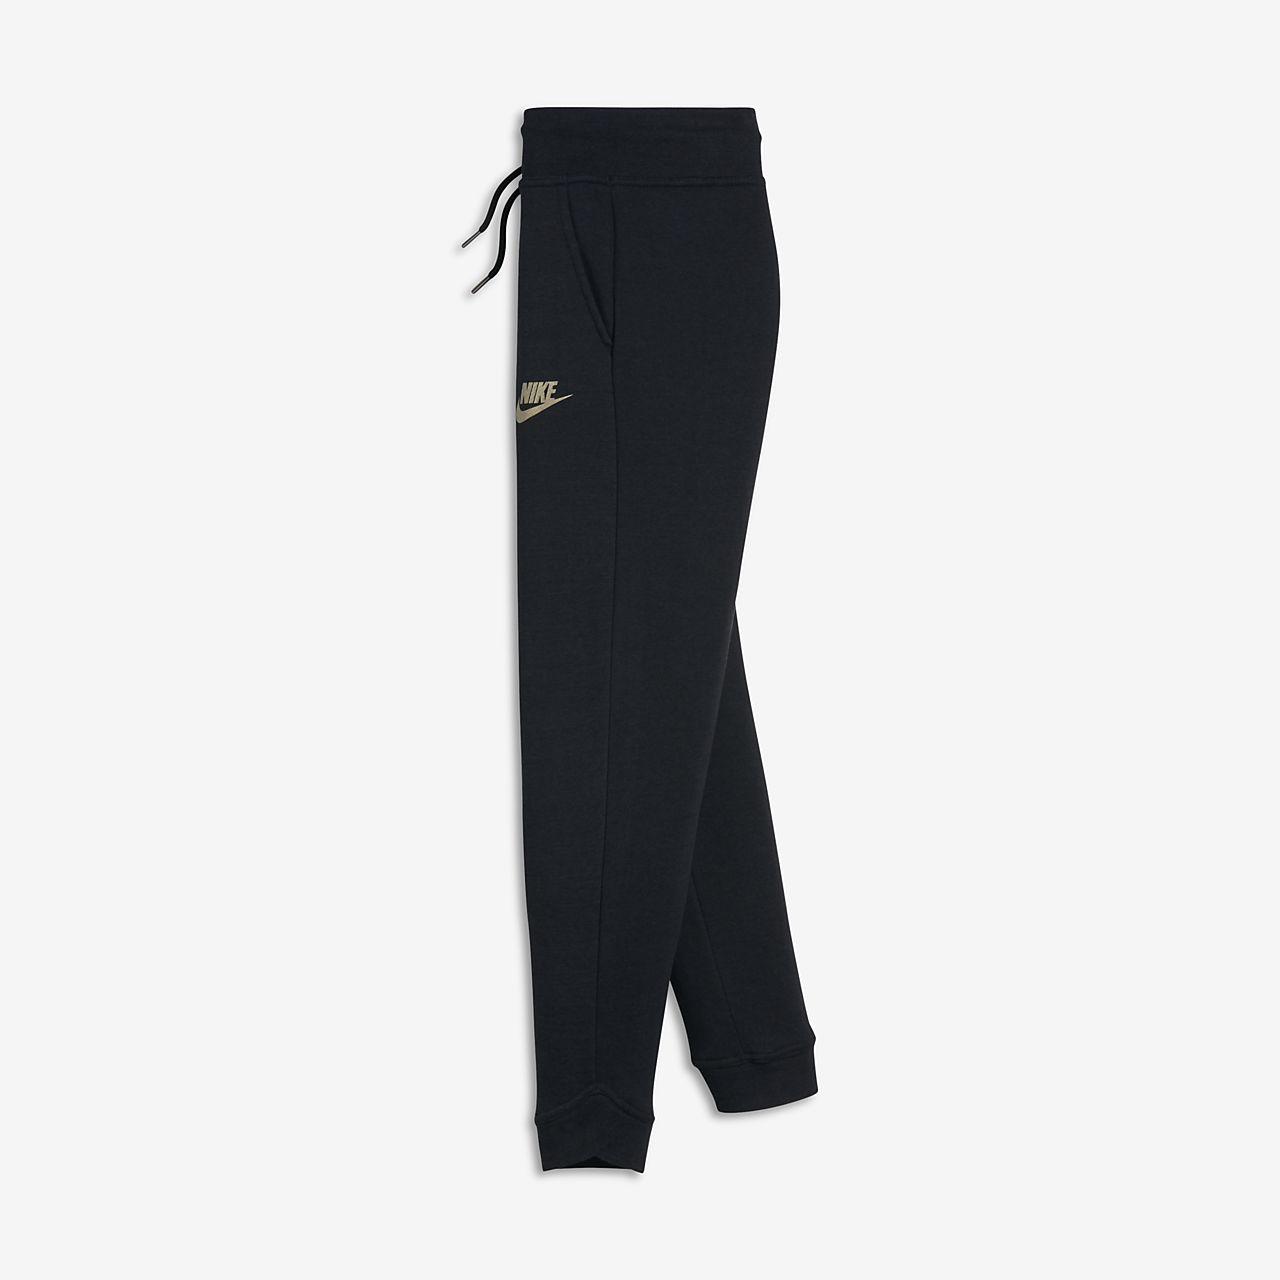 ... Nike Sportswear Modern Older Kids' (Girls') Trousers